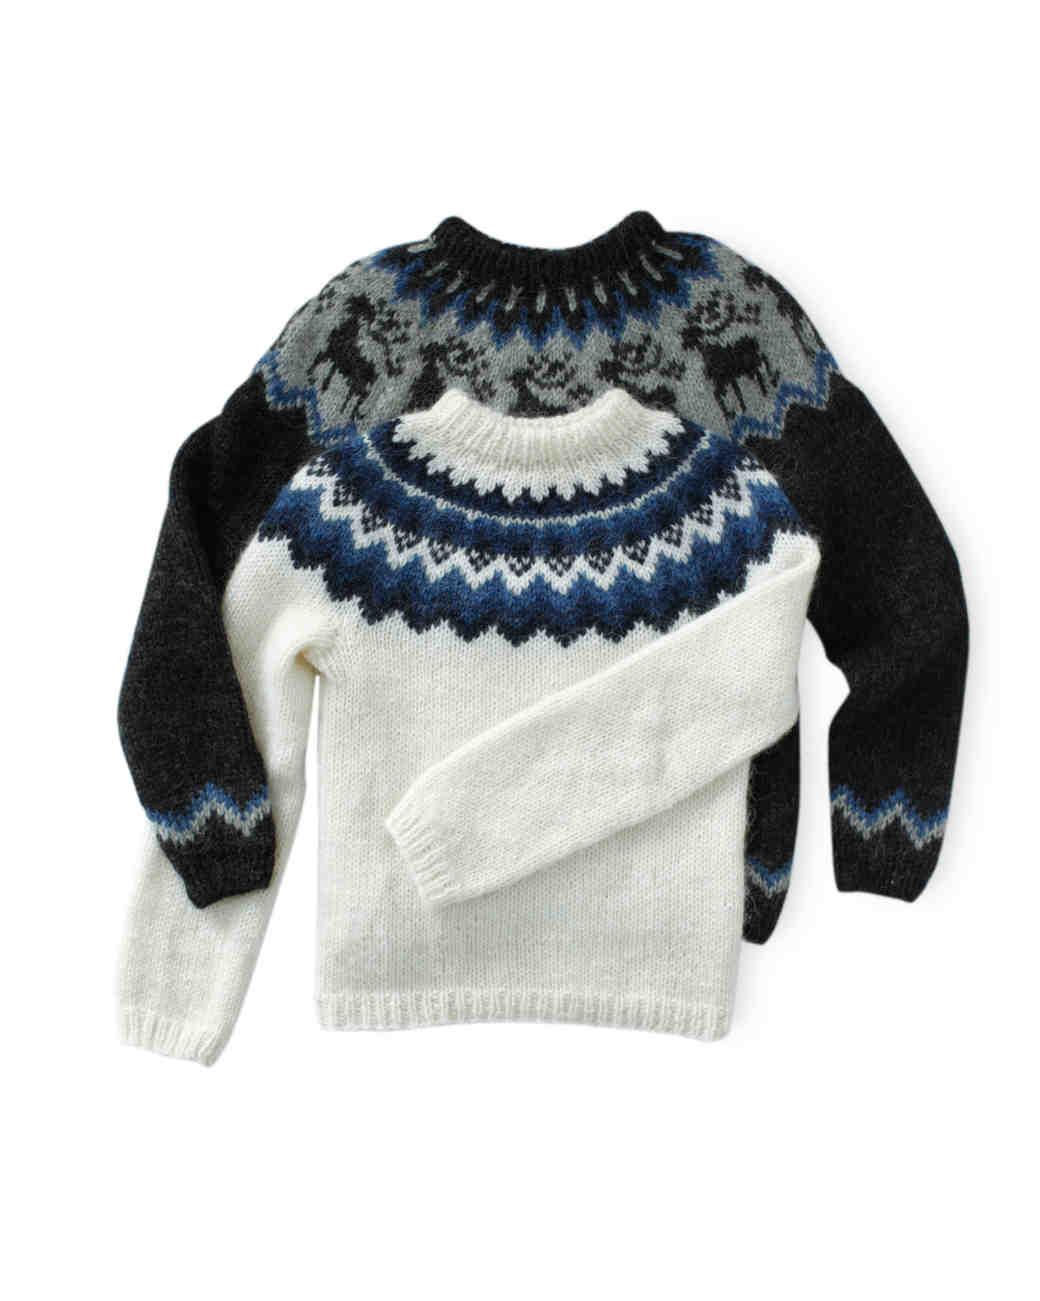 sarah-theodore-honeymoon-sweater-mwds109105.jpg